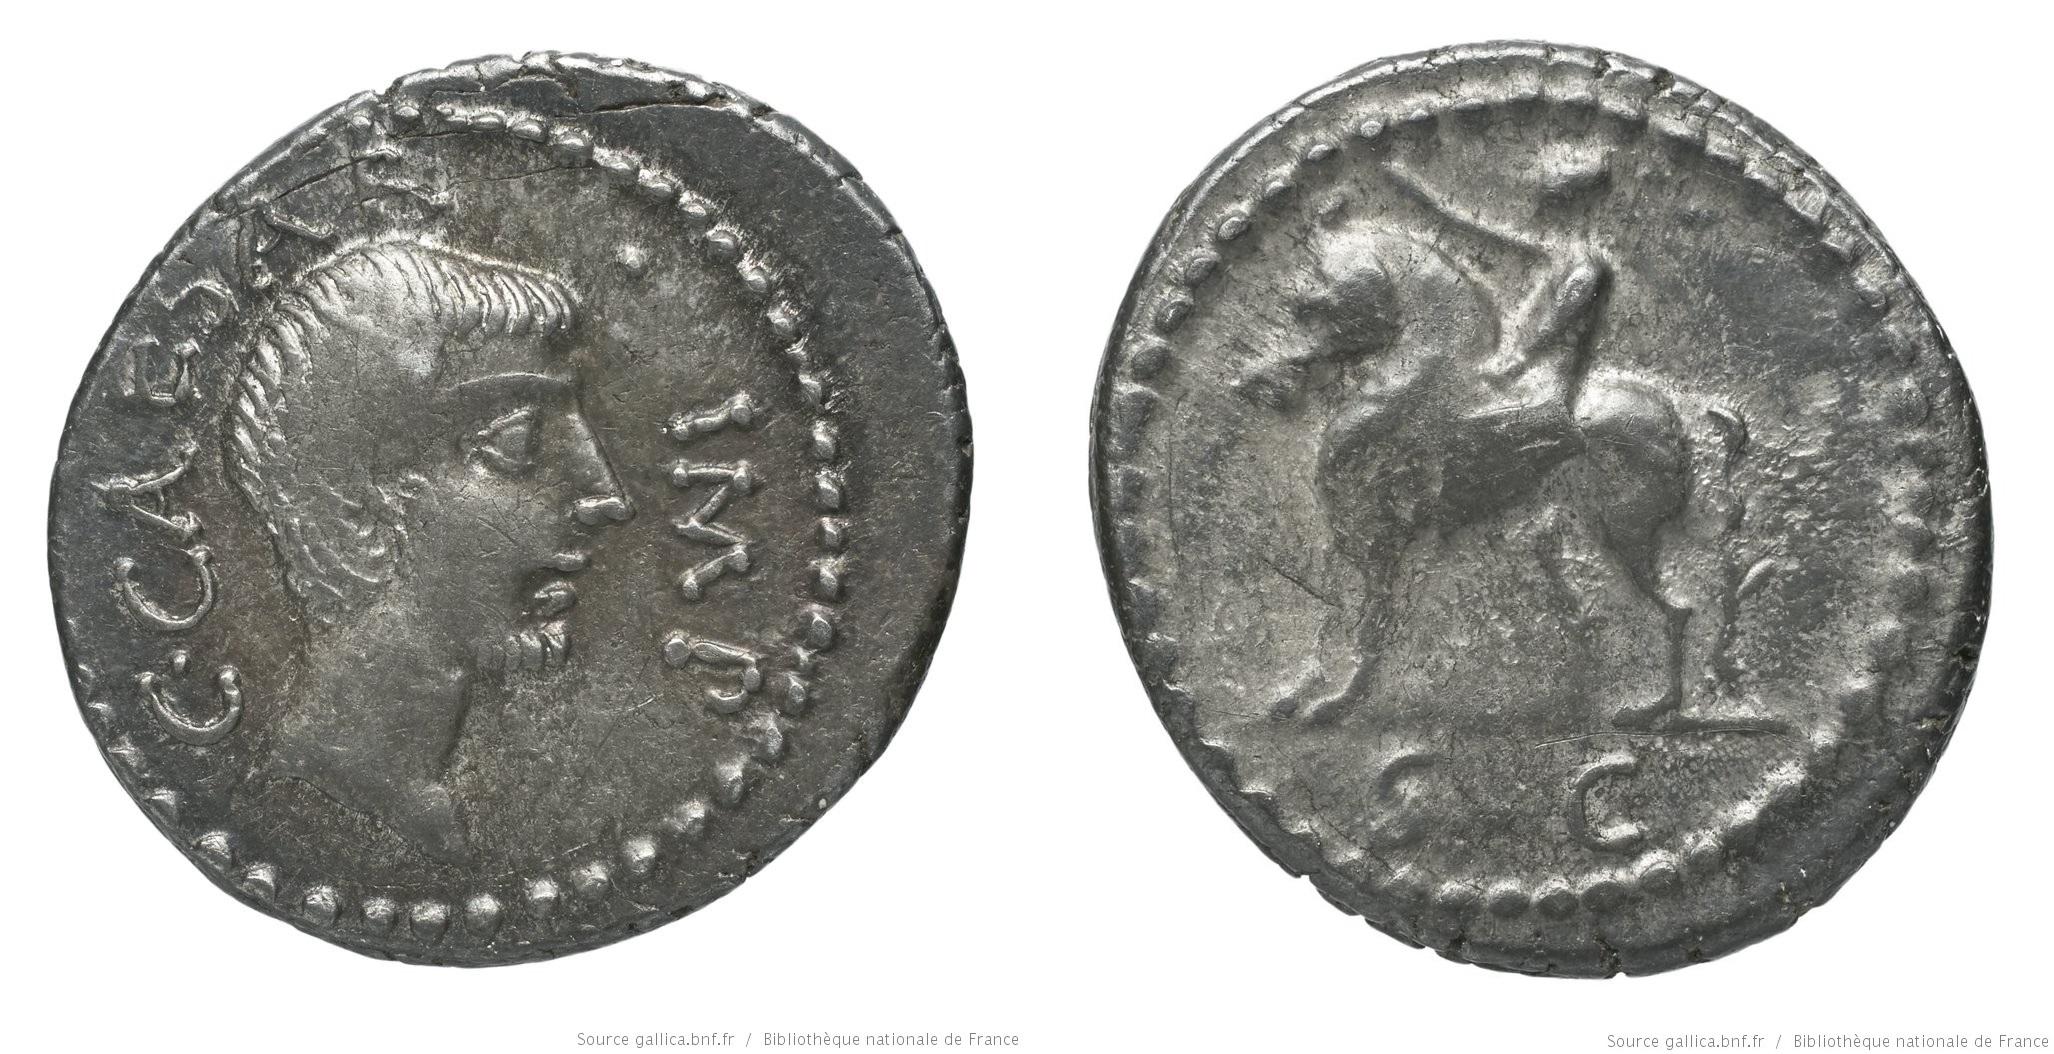 1570JU – Denier Octave – Caius Julius Cæsar Octavianus